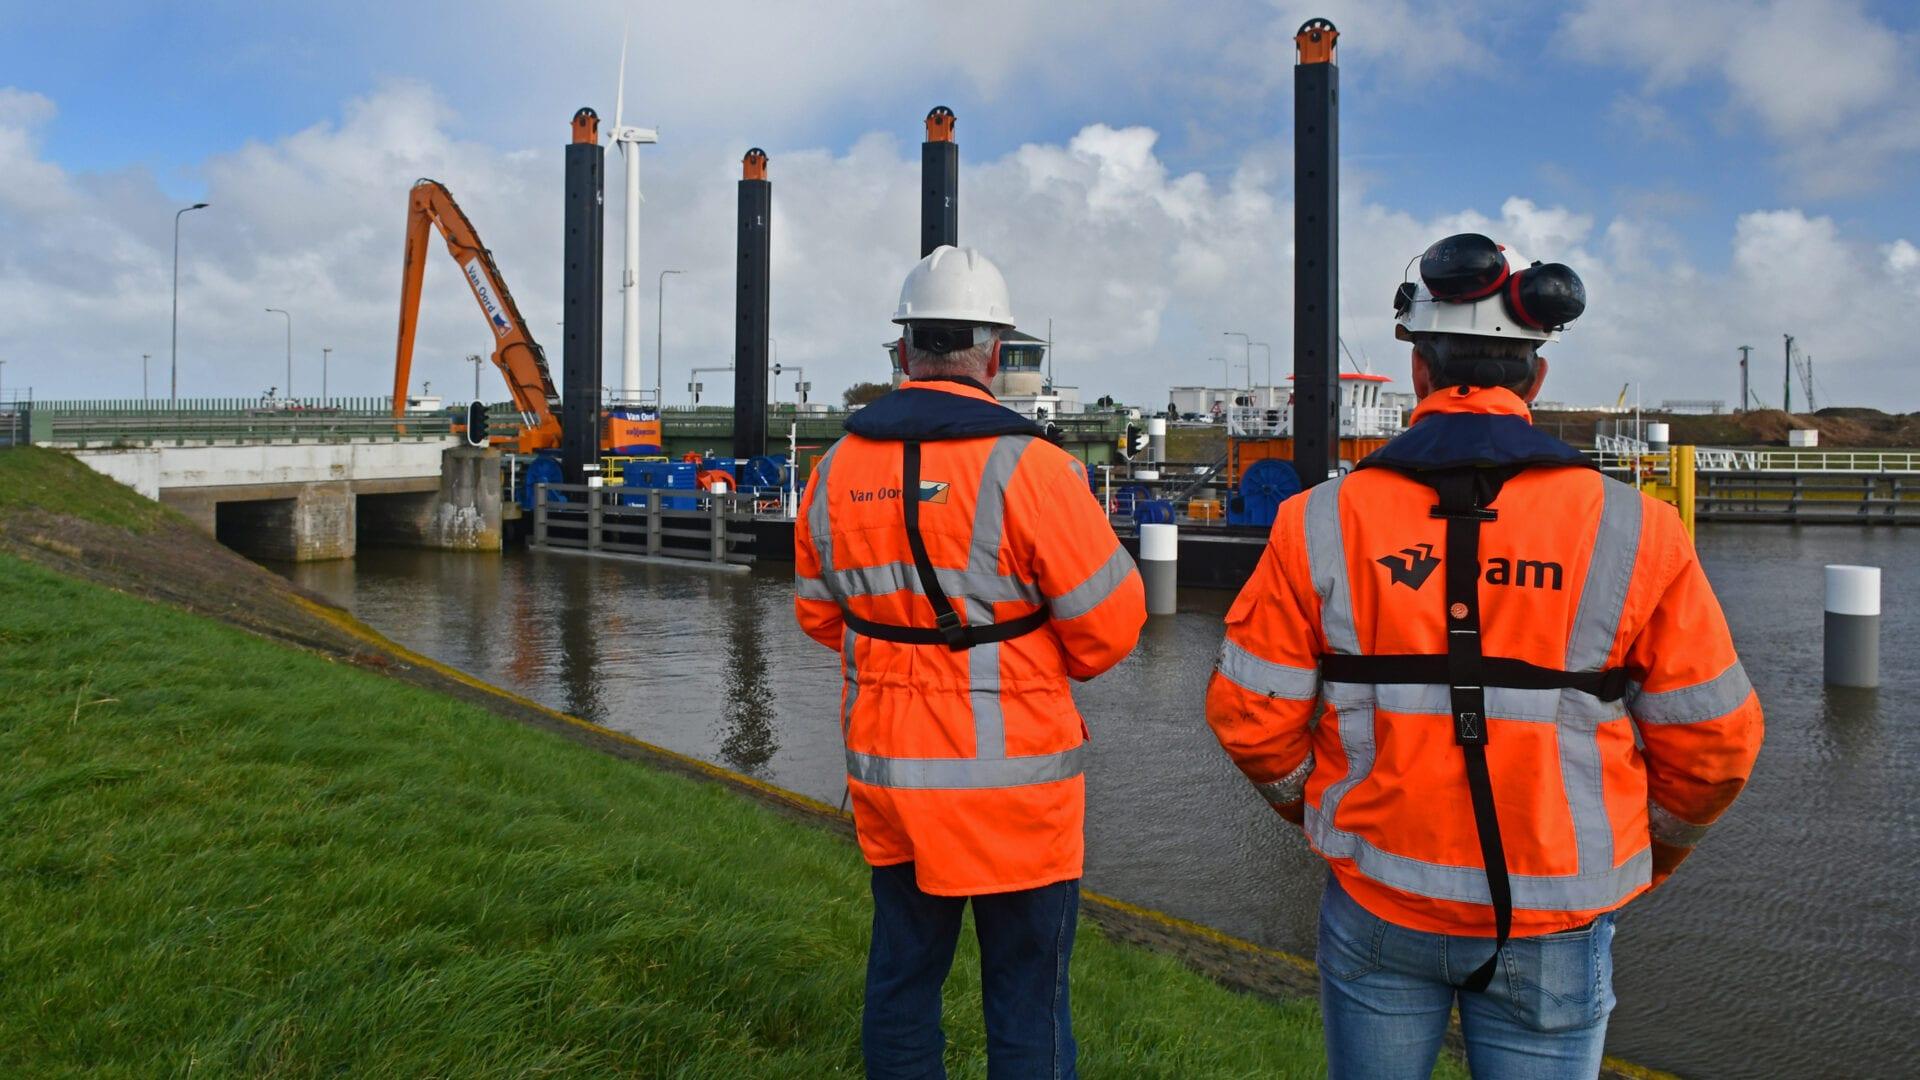 Wij kijken uit op de rug van twee mannen in oranje veiligheidsjassen. Op de ene jas zie je duidelijk het logo van BAM staan. Zij staan uit te kijken over het water bij de Afsluitdijk. Op de achtergrond zie je een grote boot met een aantal palen varen. Hij brengt Levvel blocs van de Waddenzeekant met een schip.